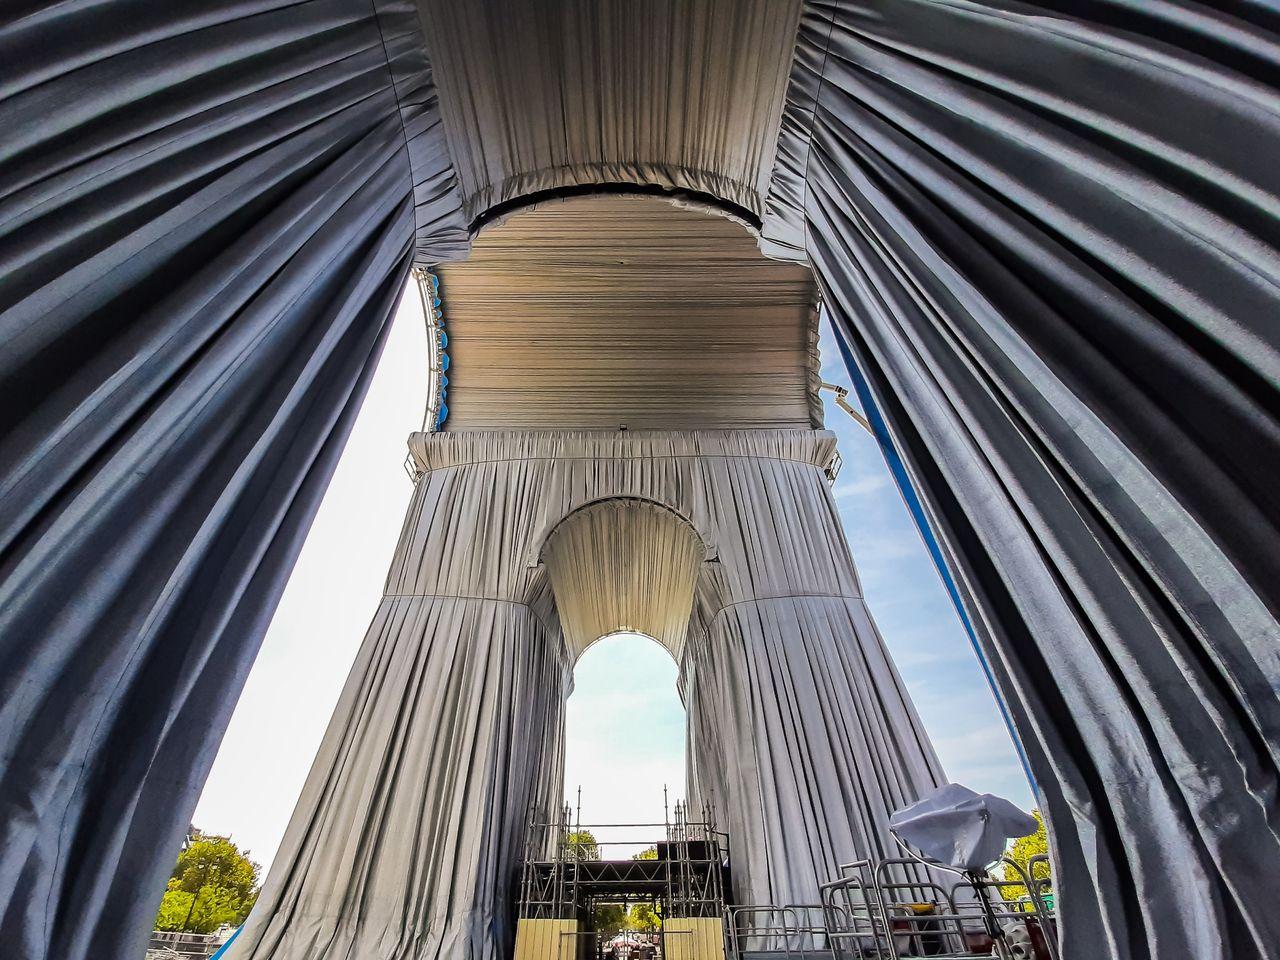 Habilitan aplicación para ver  el Arco del Triunfo de París